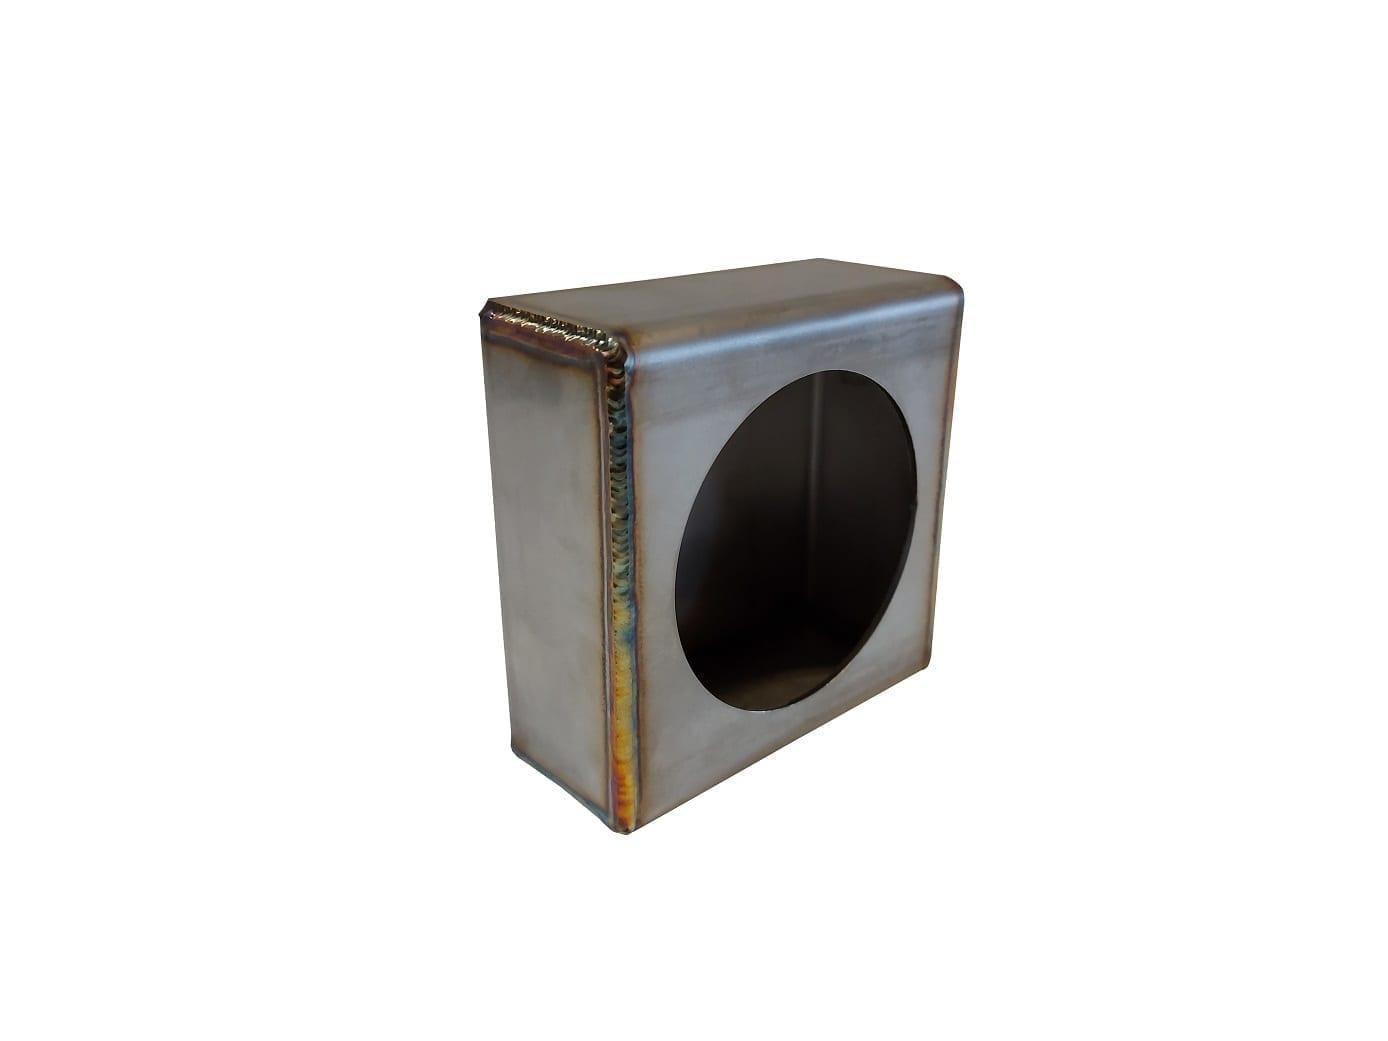 Stainless Steel Single Marker Light Box